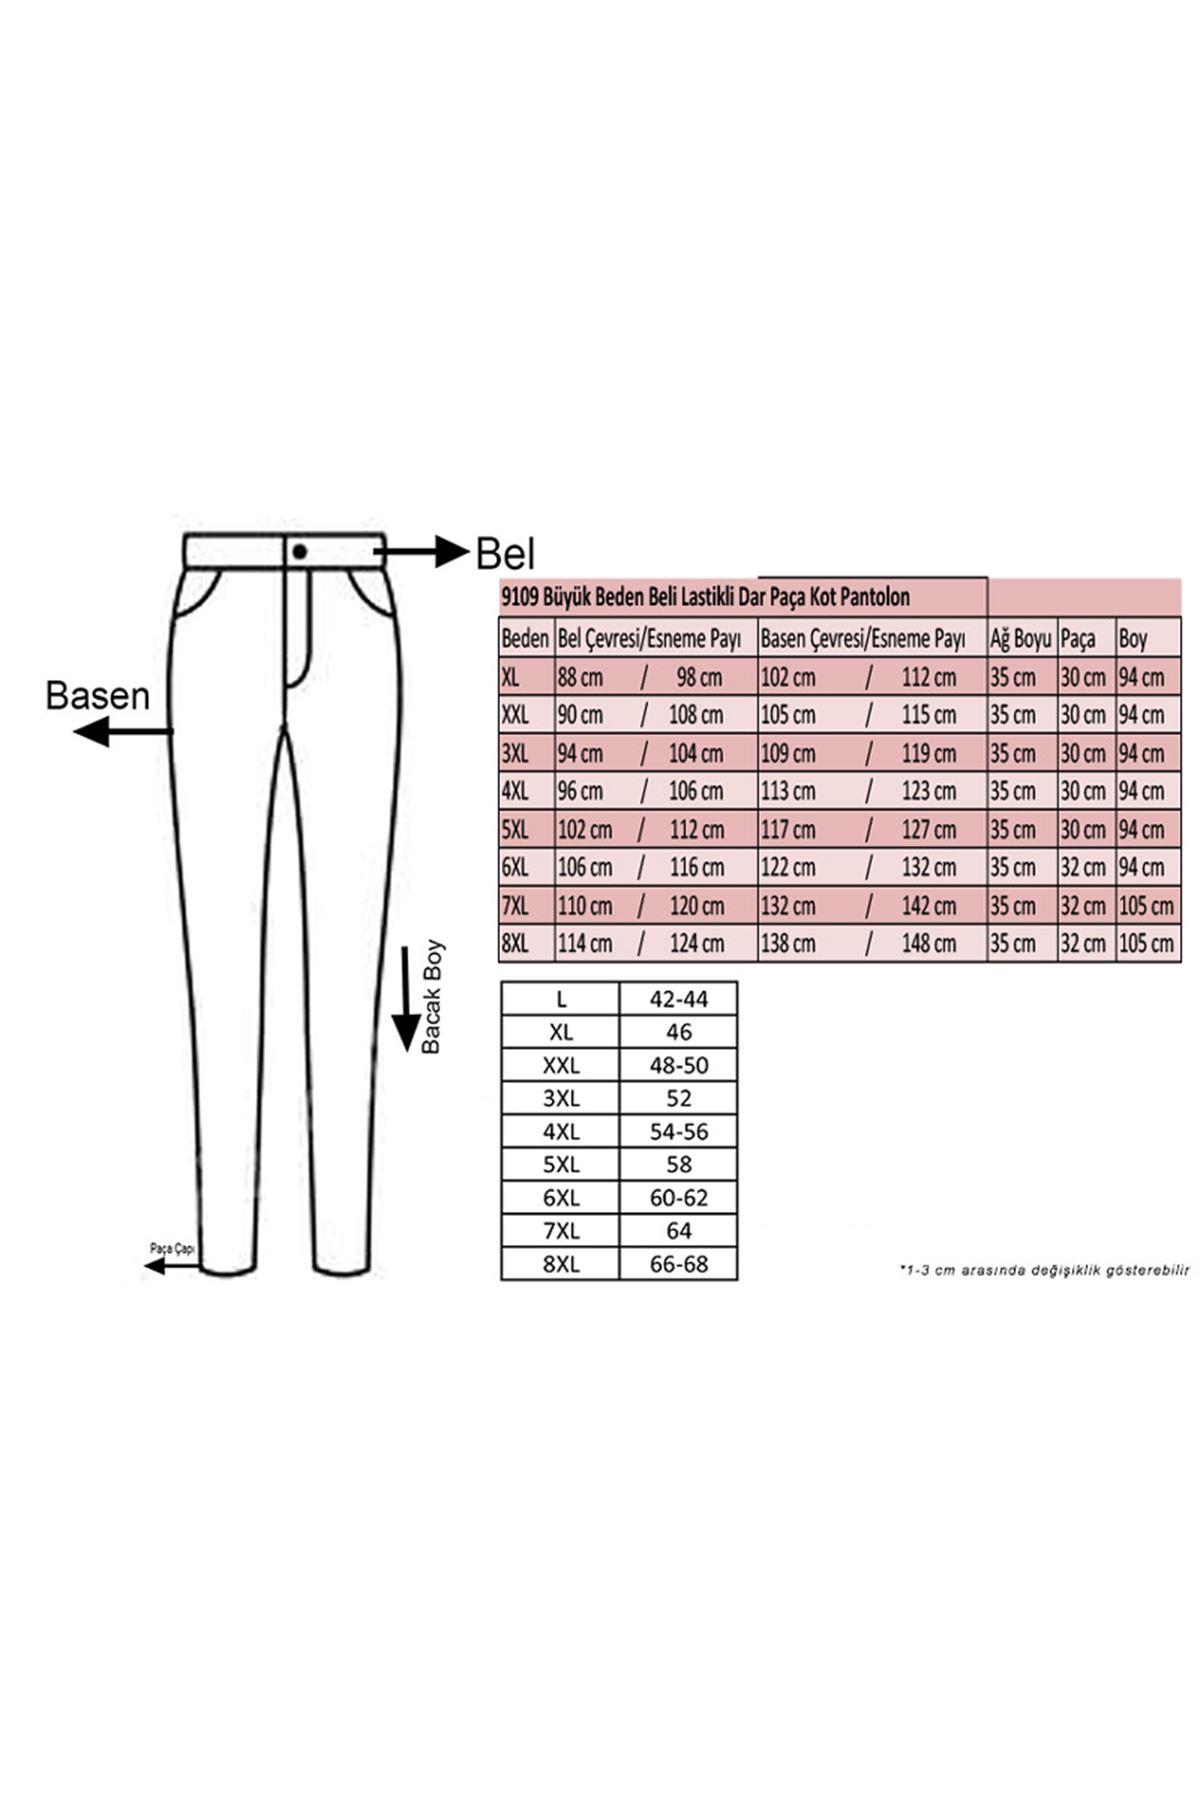 D-9109-10 Büyük Beden Beli Lastikli Tırnaklı  Dar Paça Kot Pantalon- Mavi